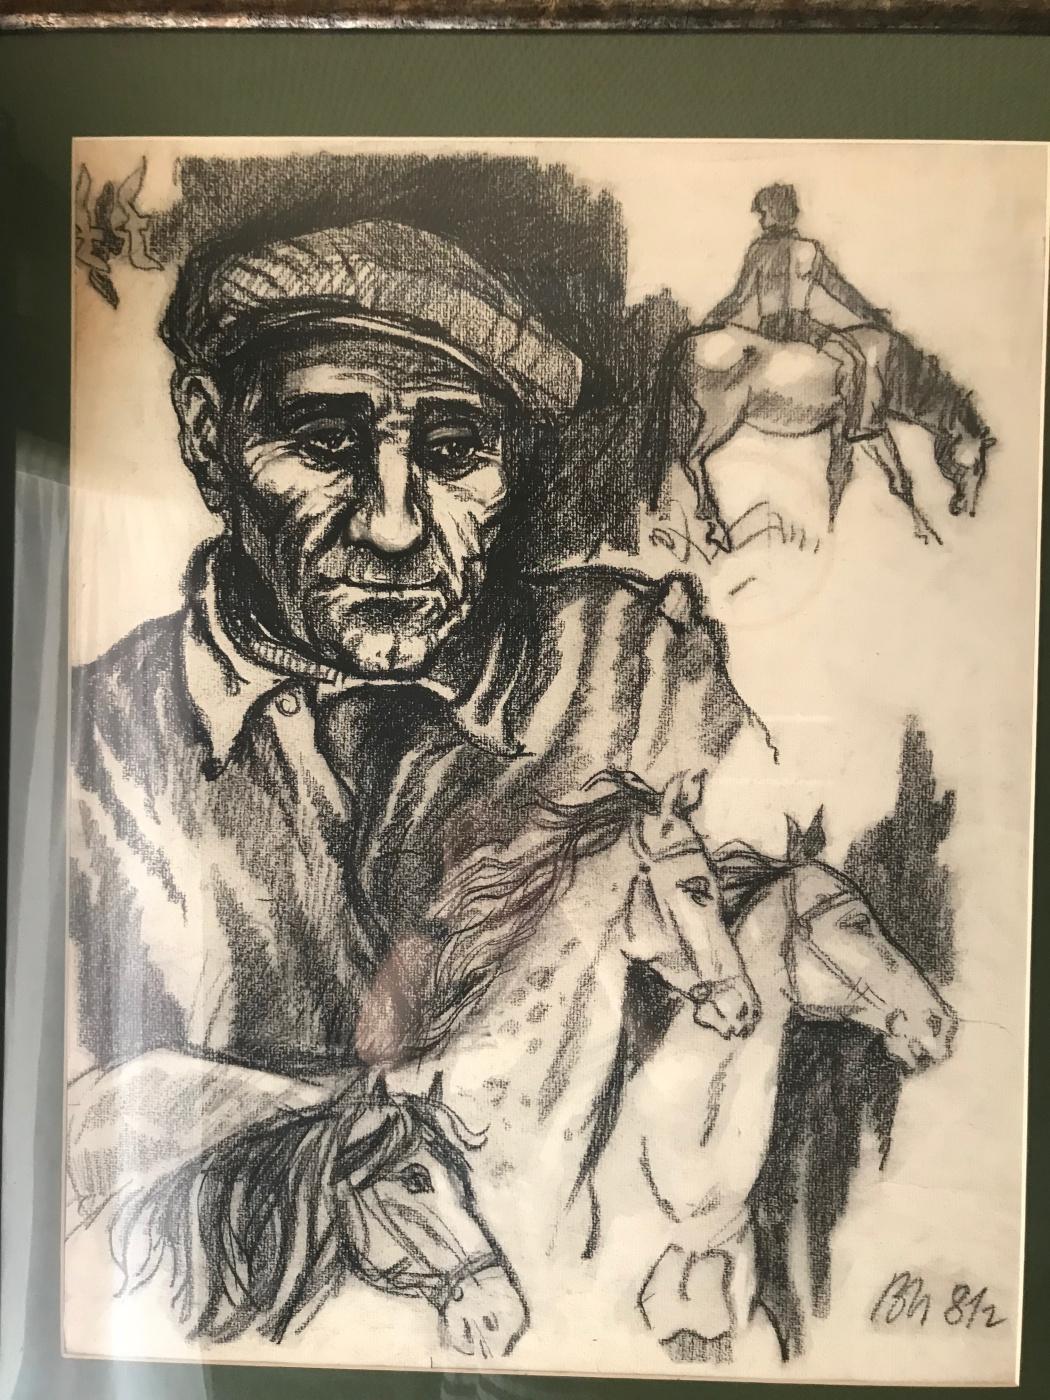 Vladimir Maksimovich Pashkevich. Illustrations for books